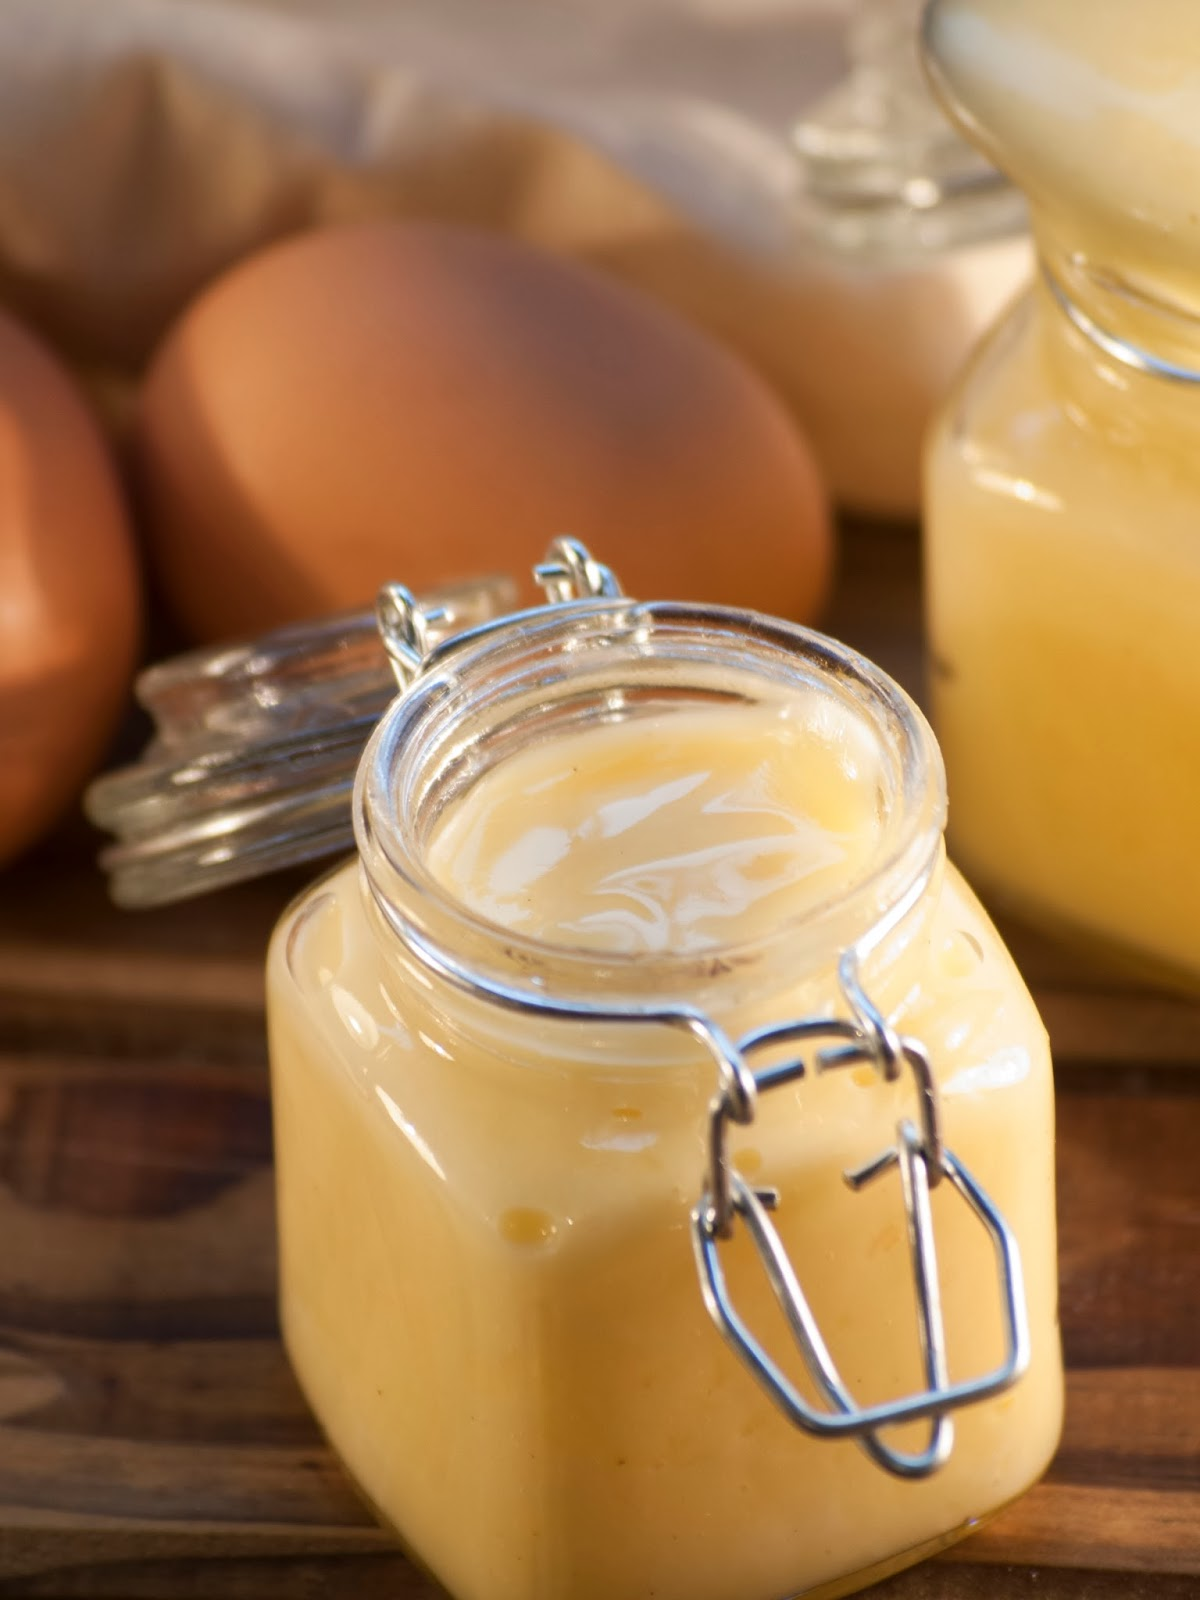 Comment faire une mayo - Faire la mayonnaise ...